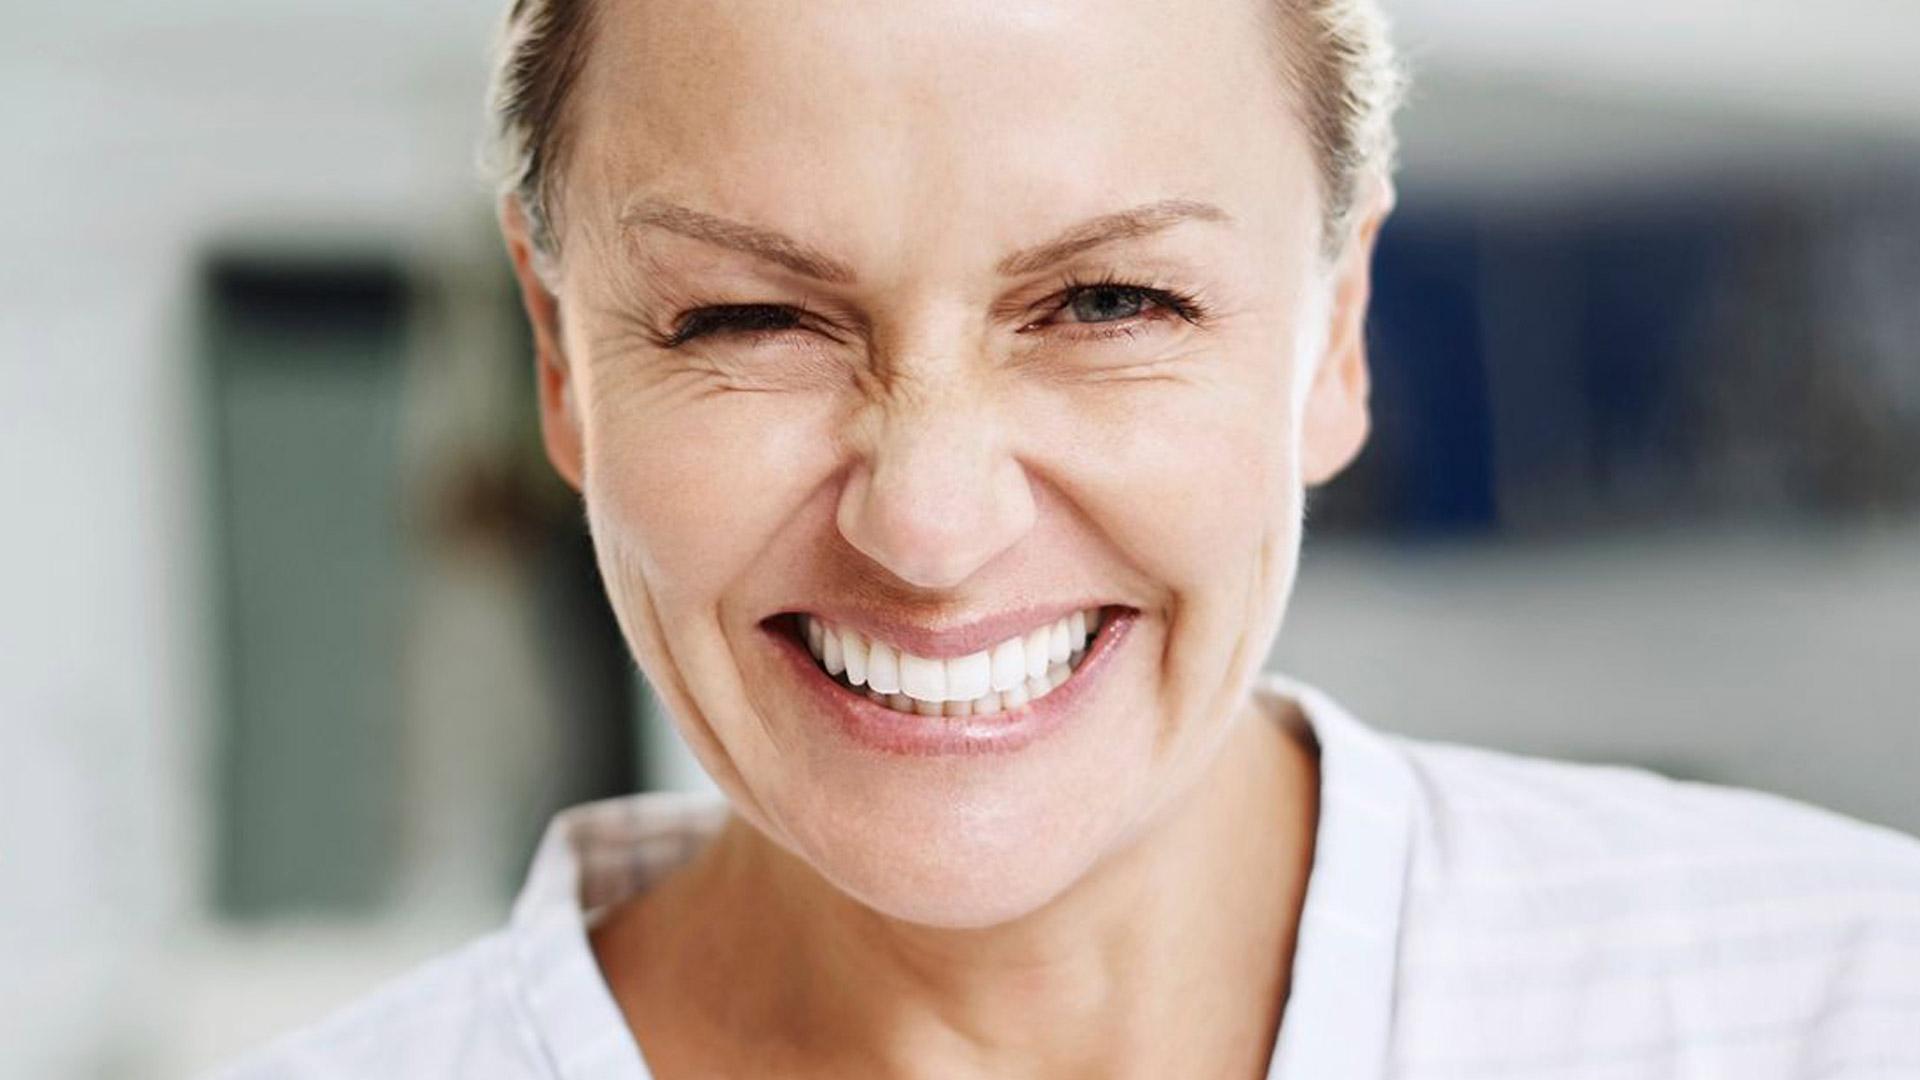 Hampaita ei pysty loputtomiin vaalentamaan, ja liian usein tehdyistä valkaisuista ei ole juuri hyötyä.